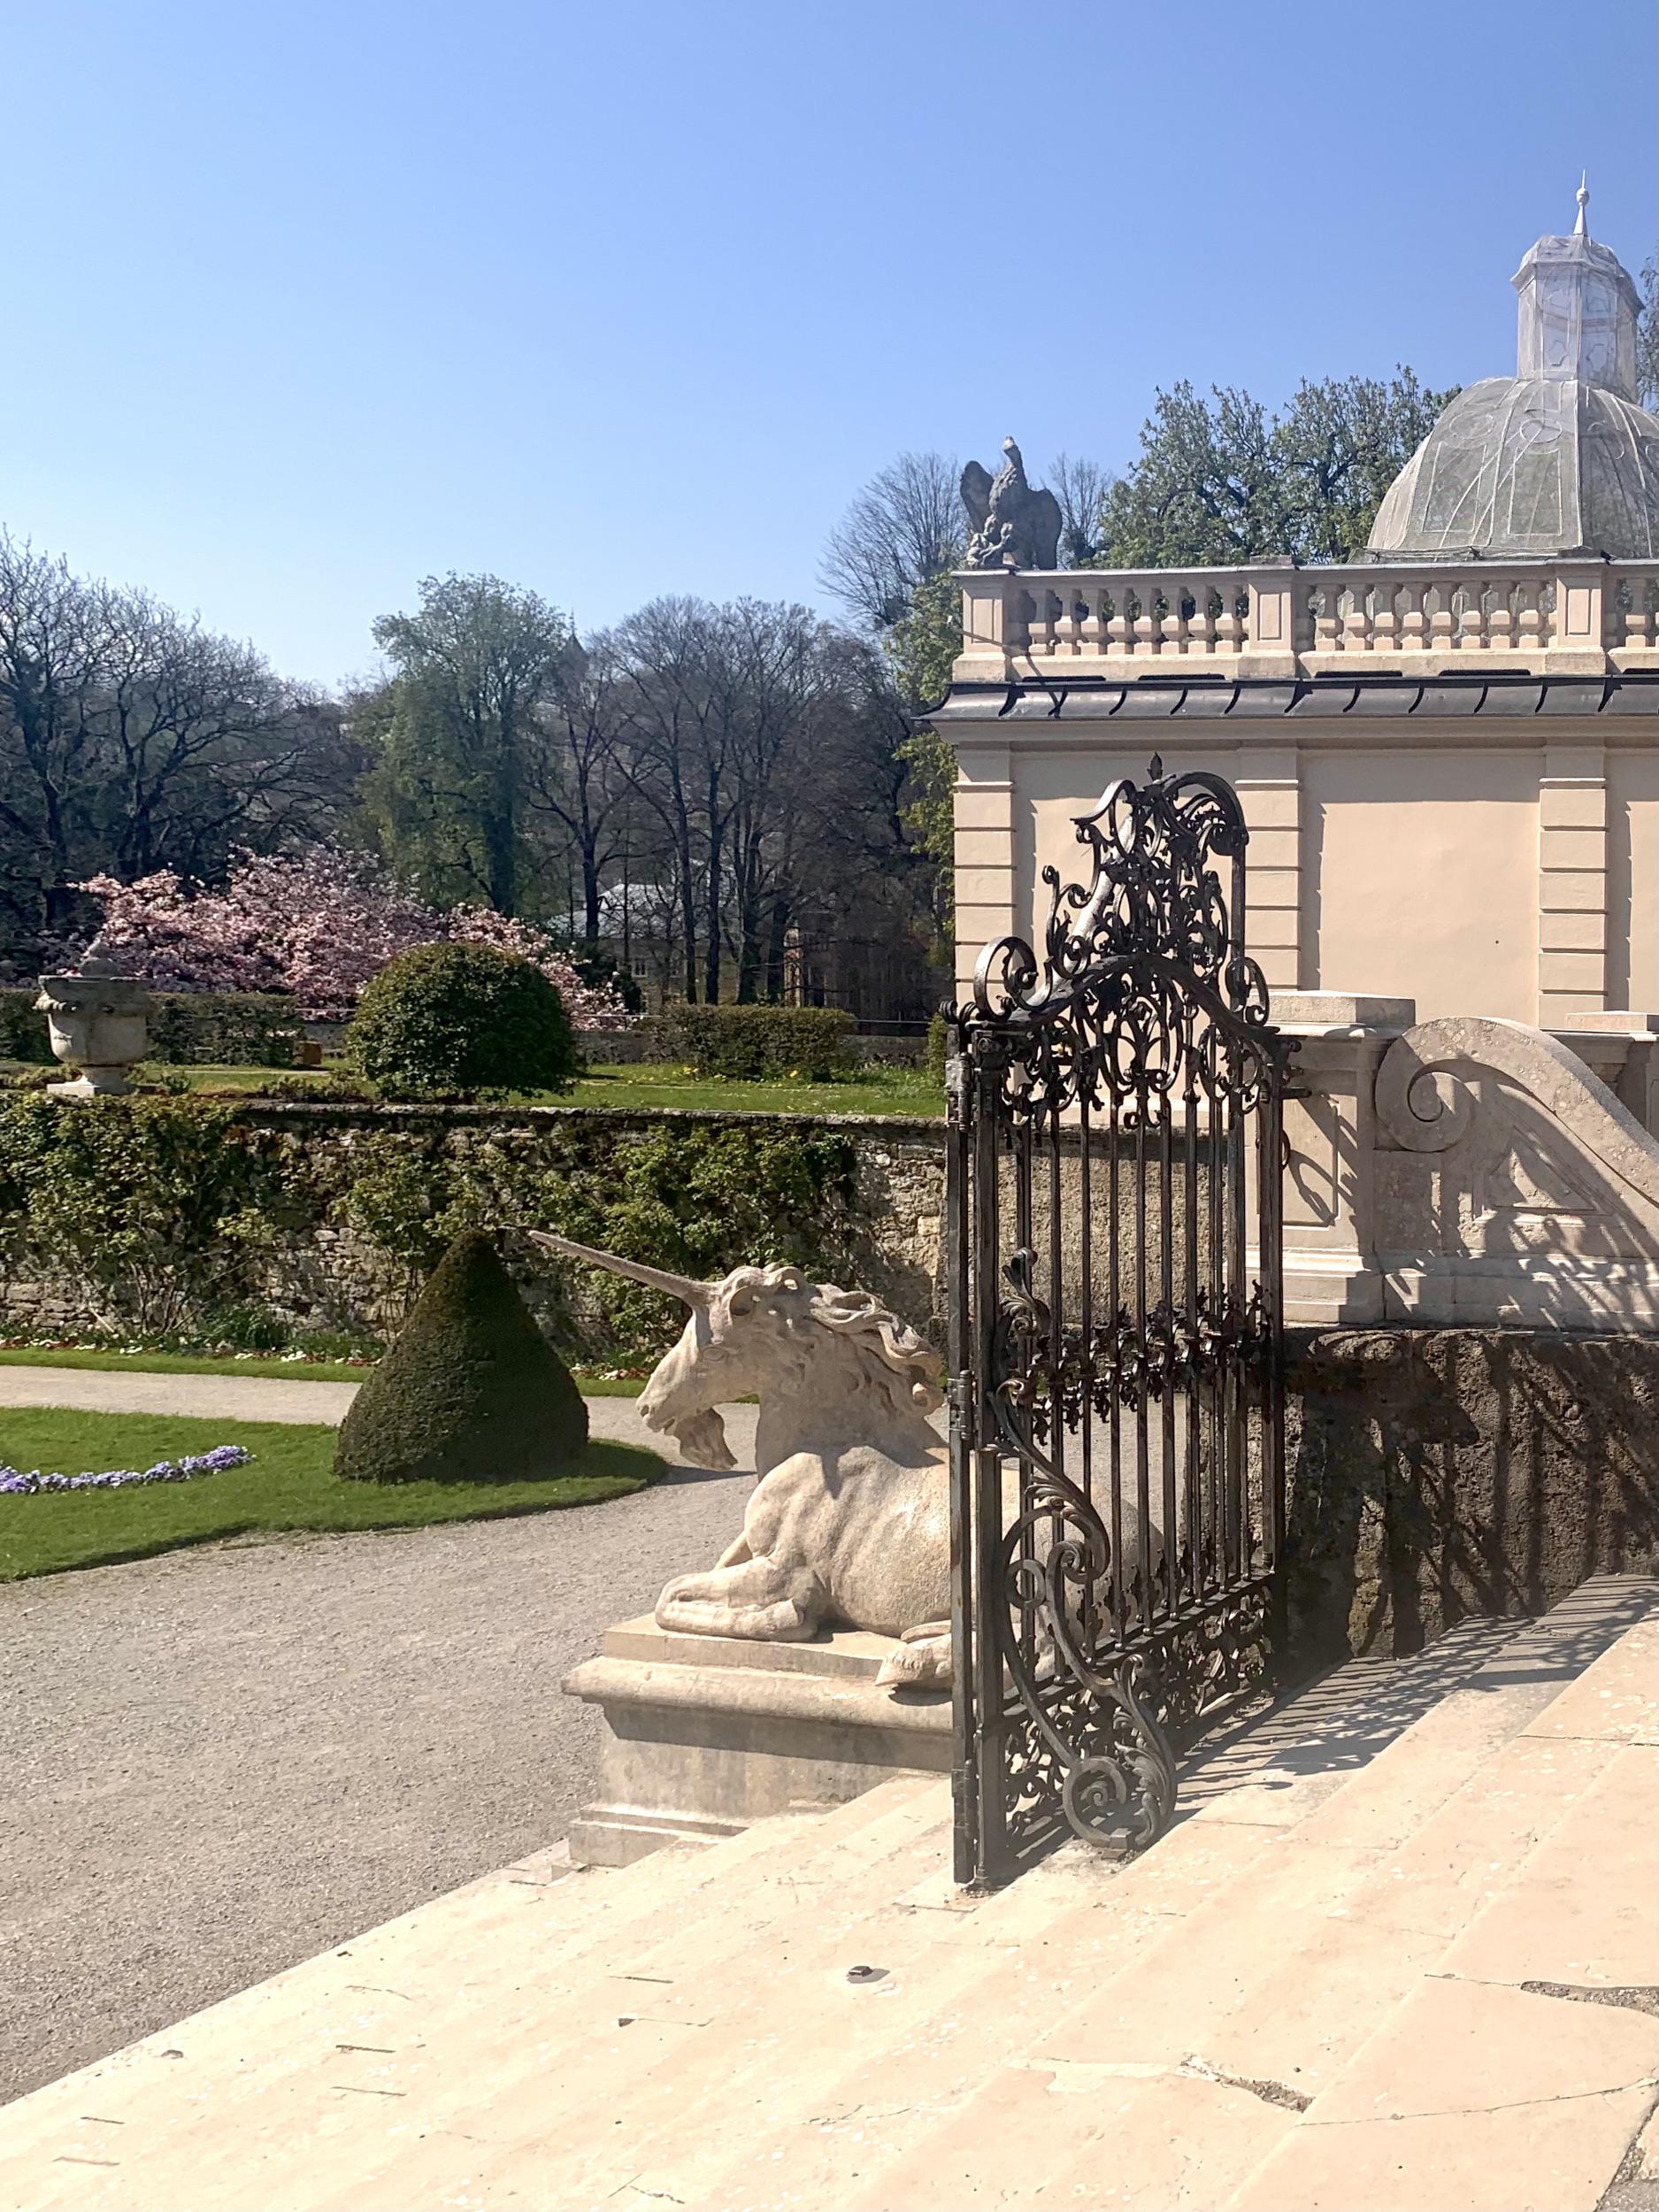 Unicorn at Salzburg Mirabell Gardens